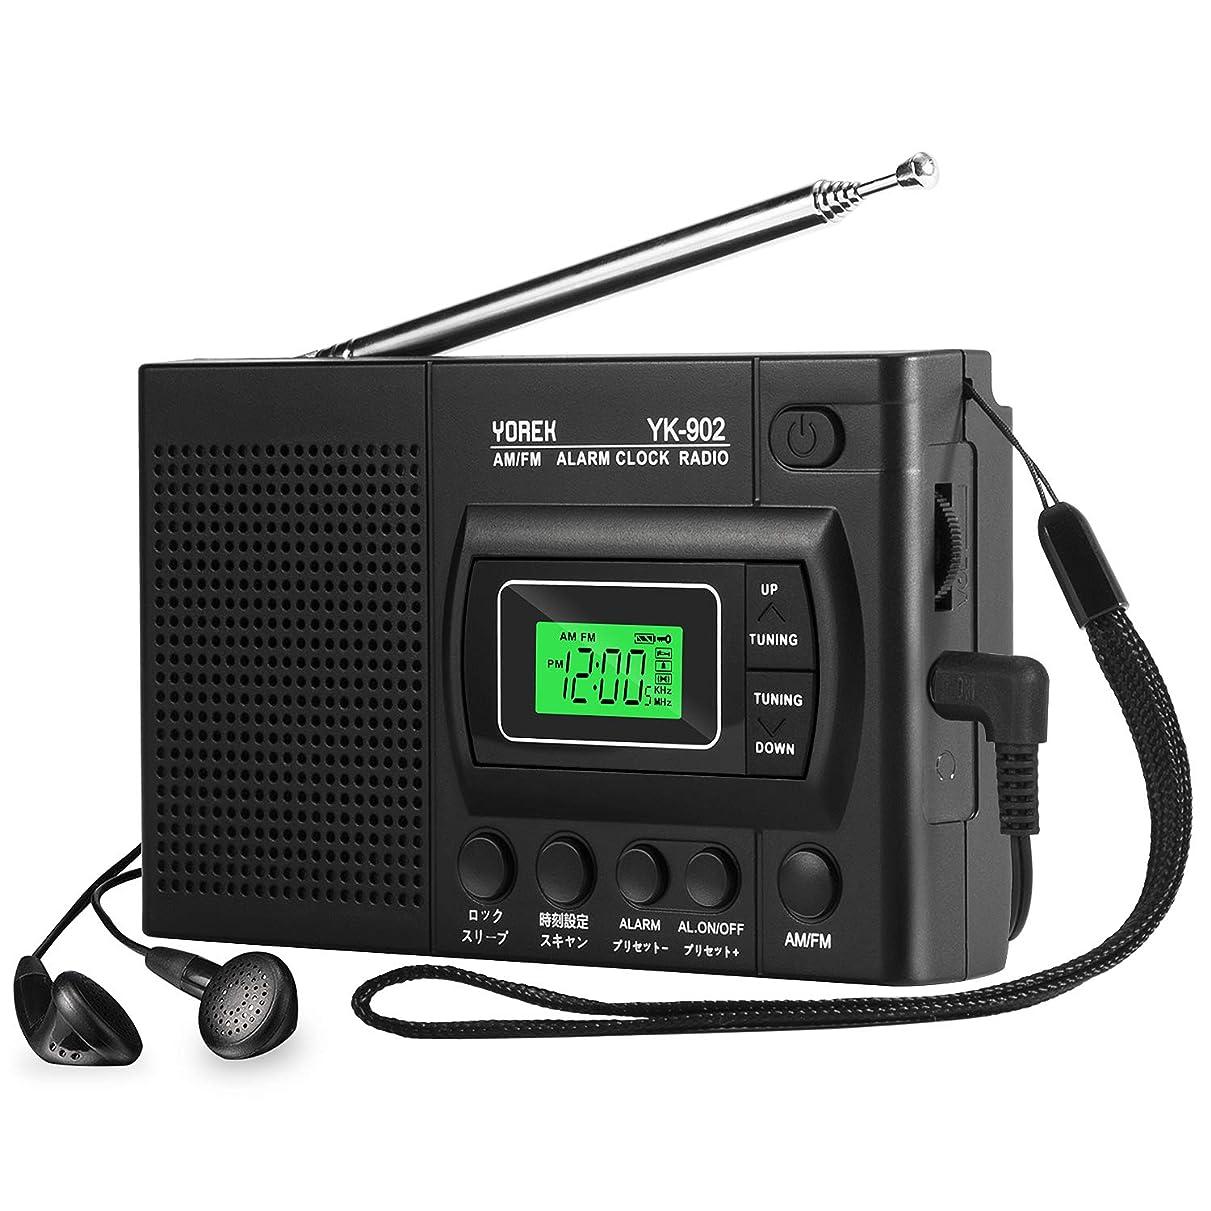 ゴール幽霊壊すYOREK FM/AMラジオ 高感度受信電池式ポータブルラジオ アラーム機能付き オートオフ機能付きDSPクロックラジオ ステレオイヤホン付属する(YK902日本語取説付き)